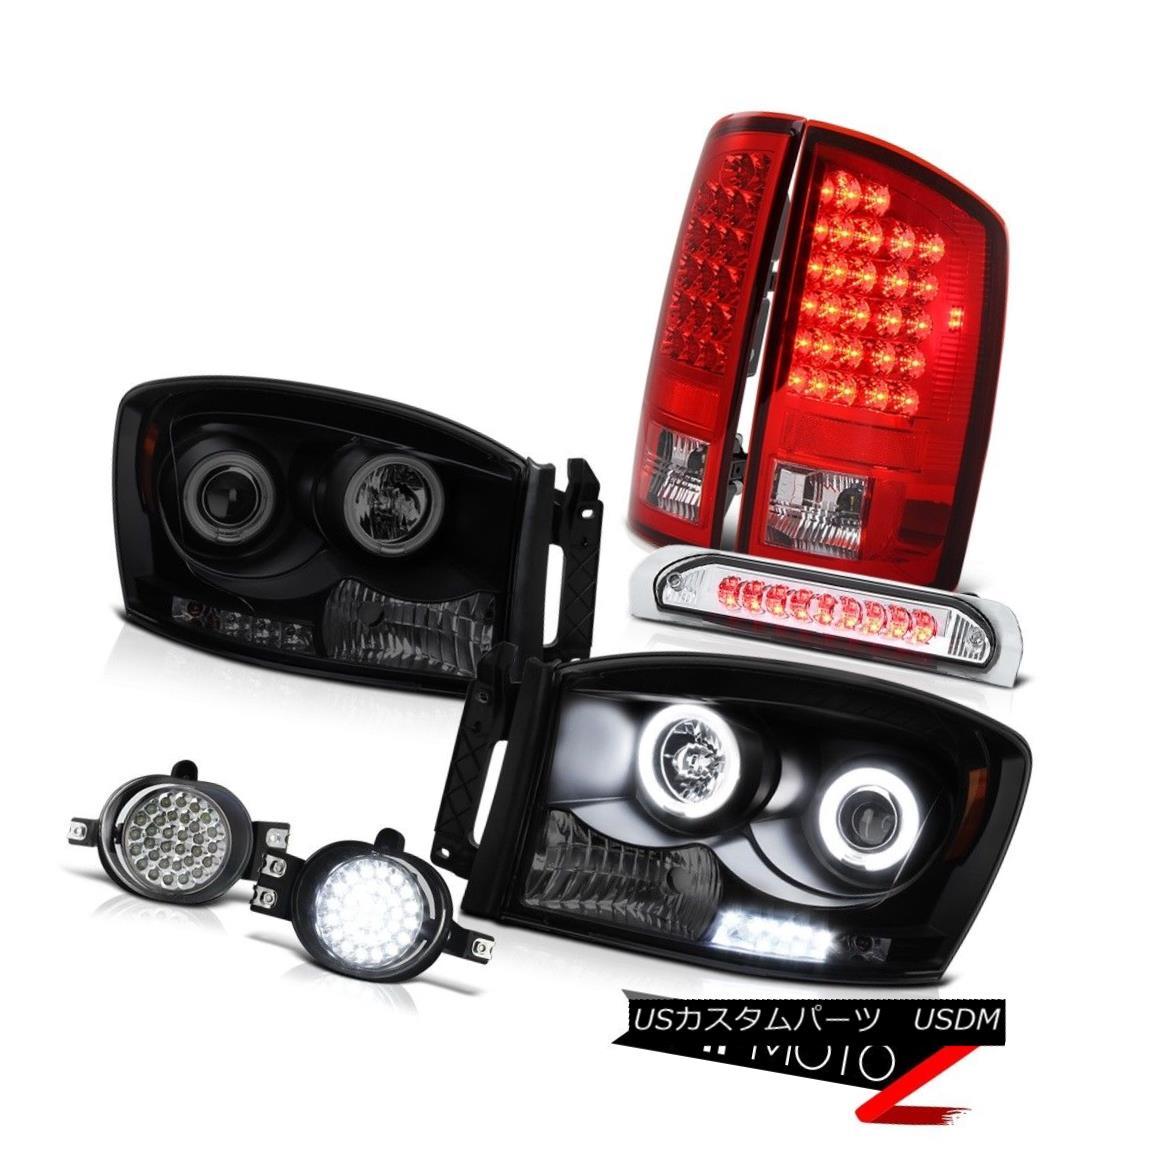 ヘッドライト 2006 Dodge Ram SLT CCFL Smoke Black Angel Eye Headlight Foglights 3RD Tail Light 2006ダッジラムSLT CCFLスモークブラックエンジェルアイヘッドライトフォグライト3RDテールライト